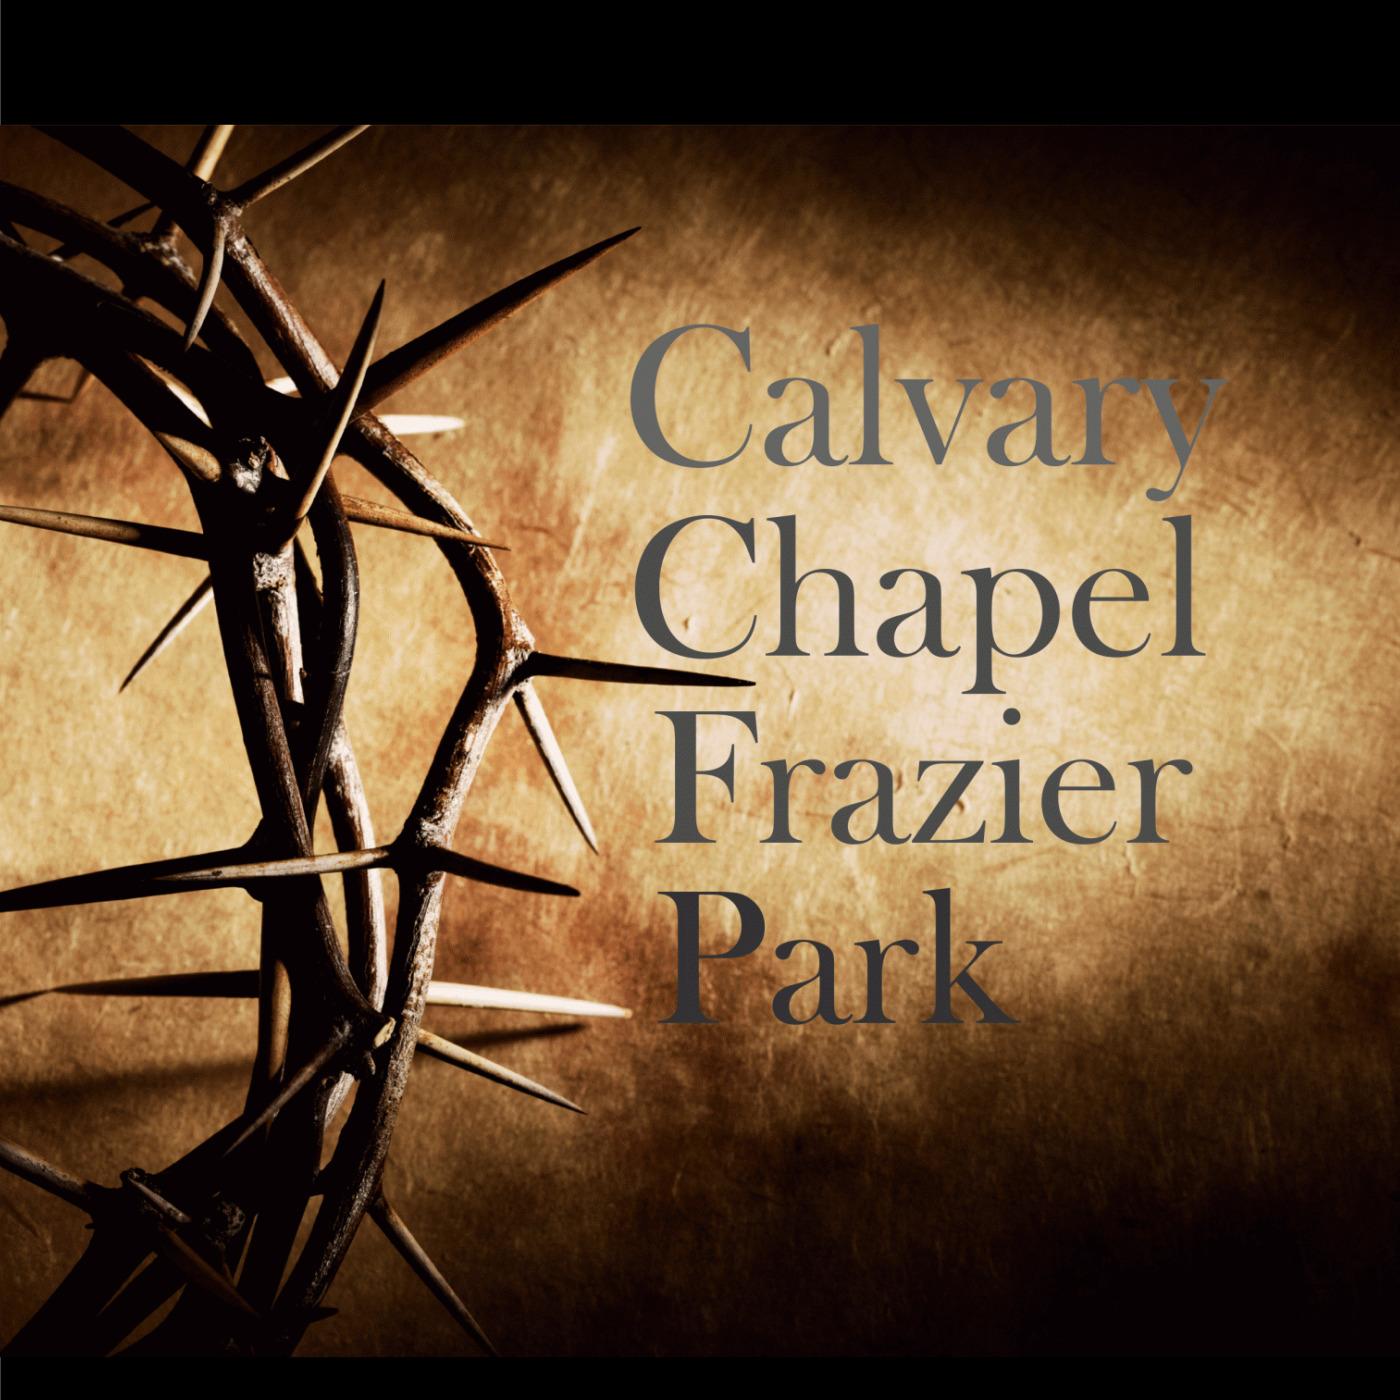 Calvary Chapel Frazier Park